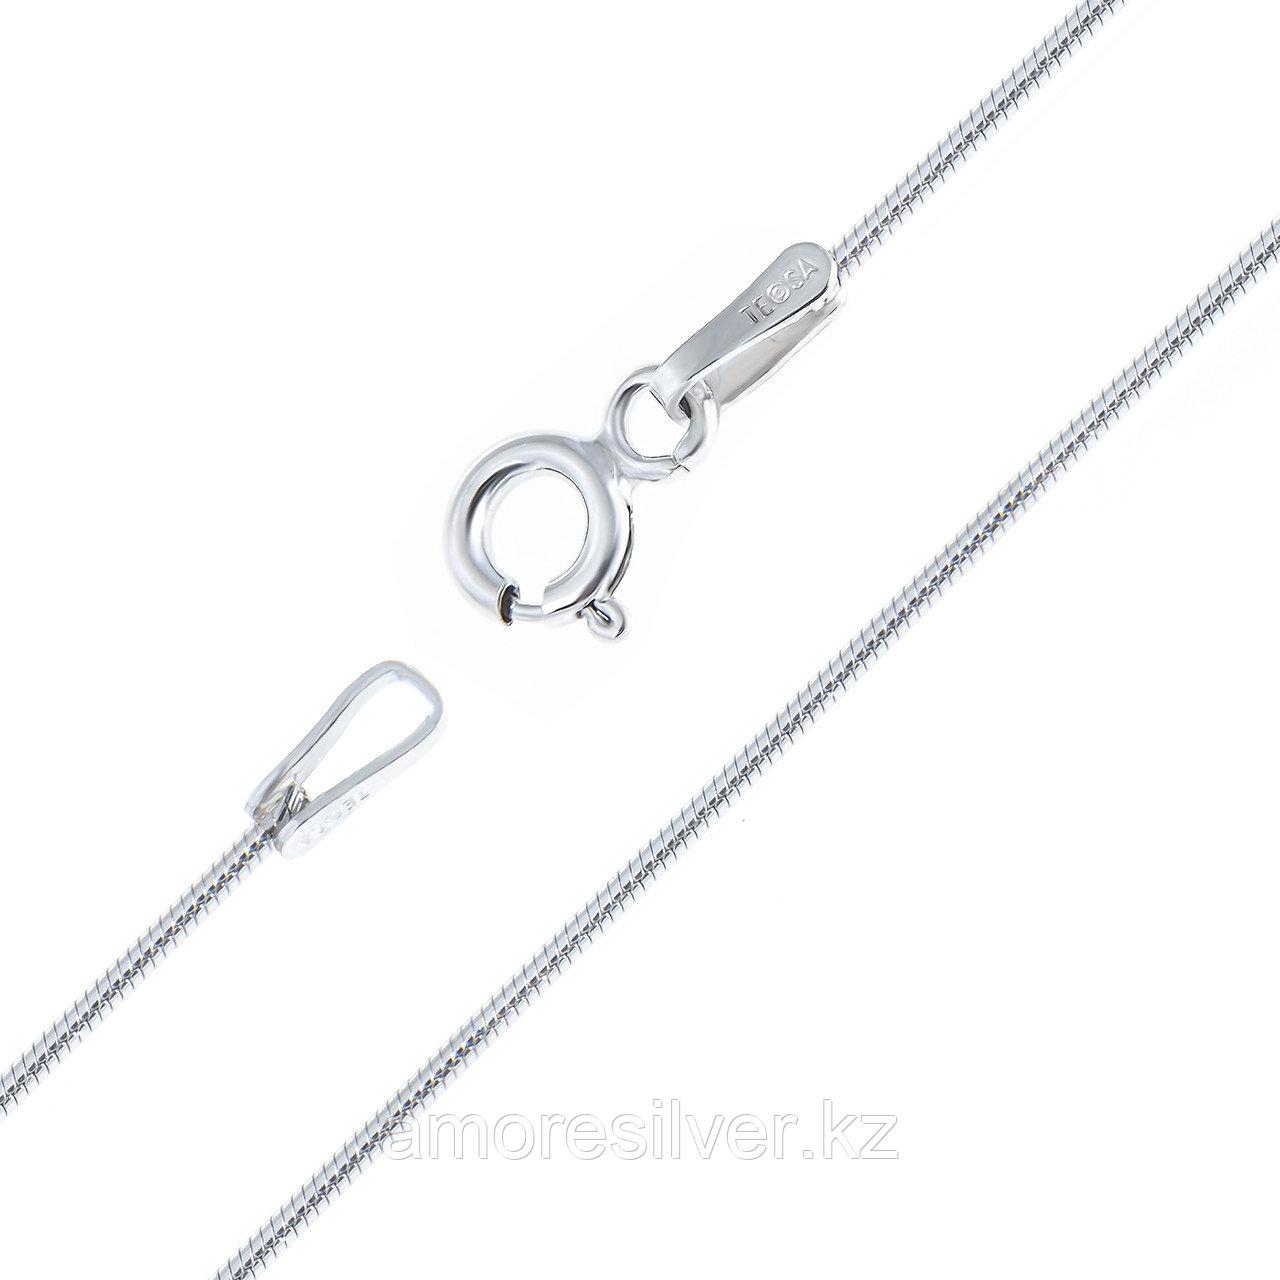 Цепь Teosa серебро с родием, без вставок, снейк круглый GROT-030-50 размеры - 50